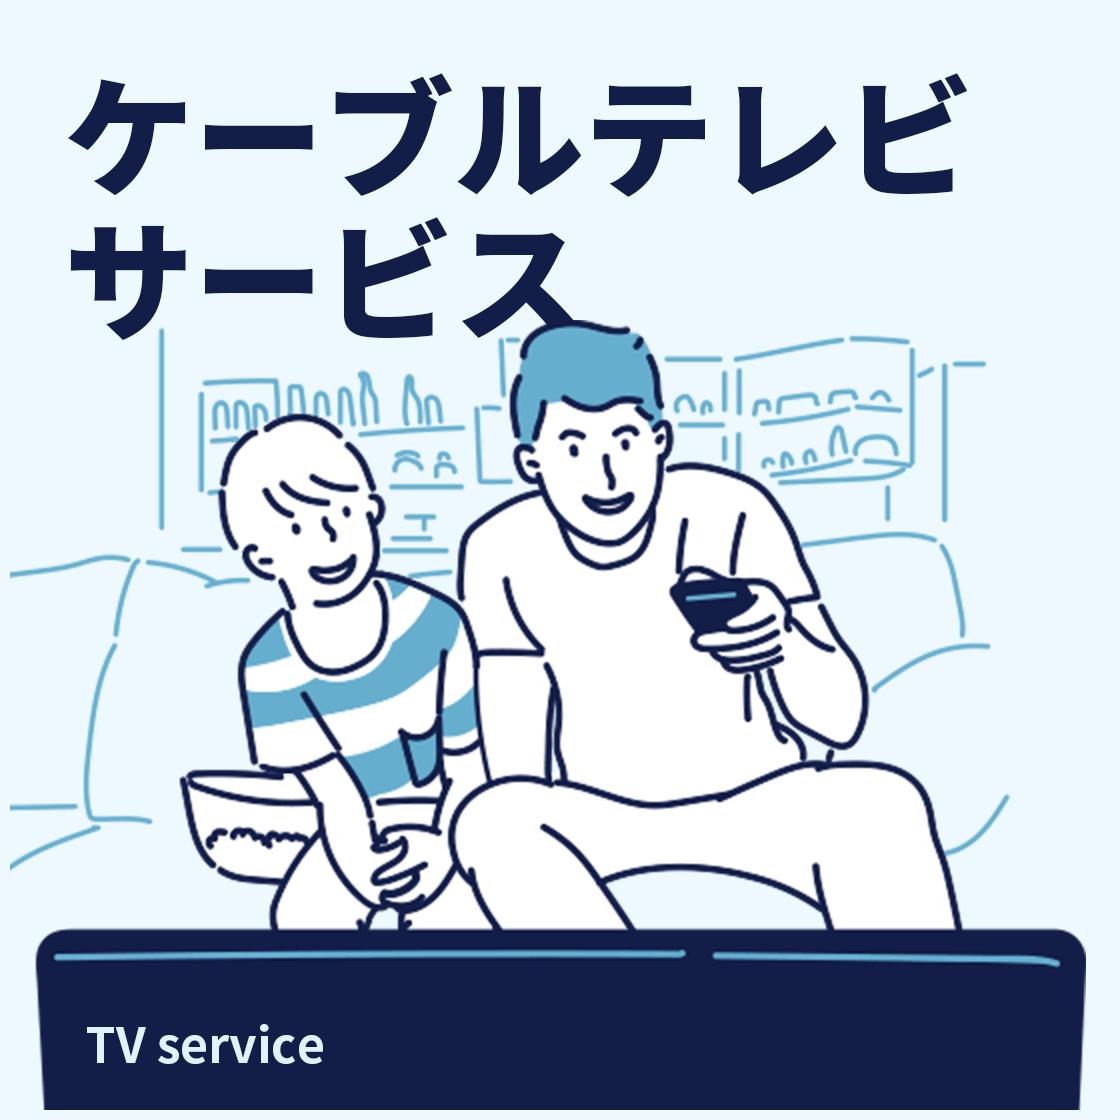 ケーブルテレビサービス